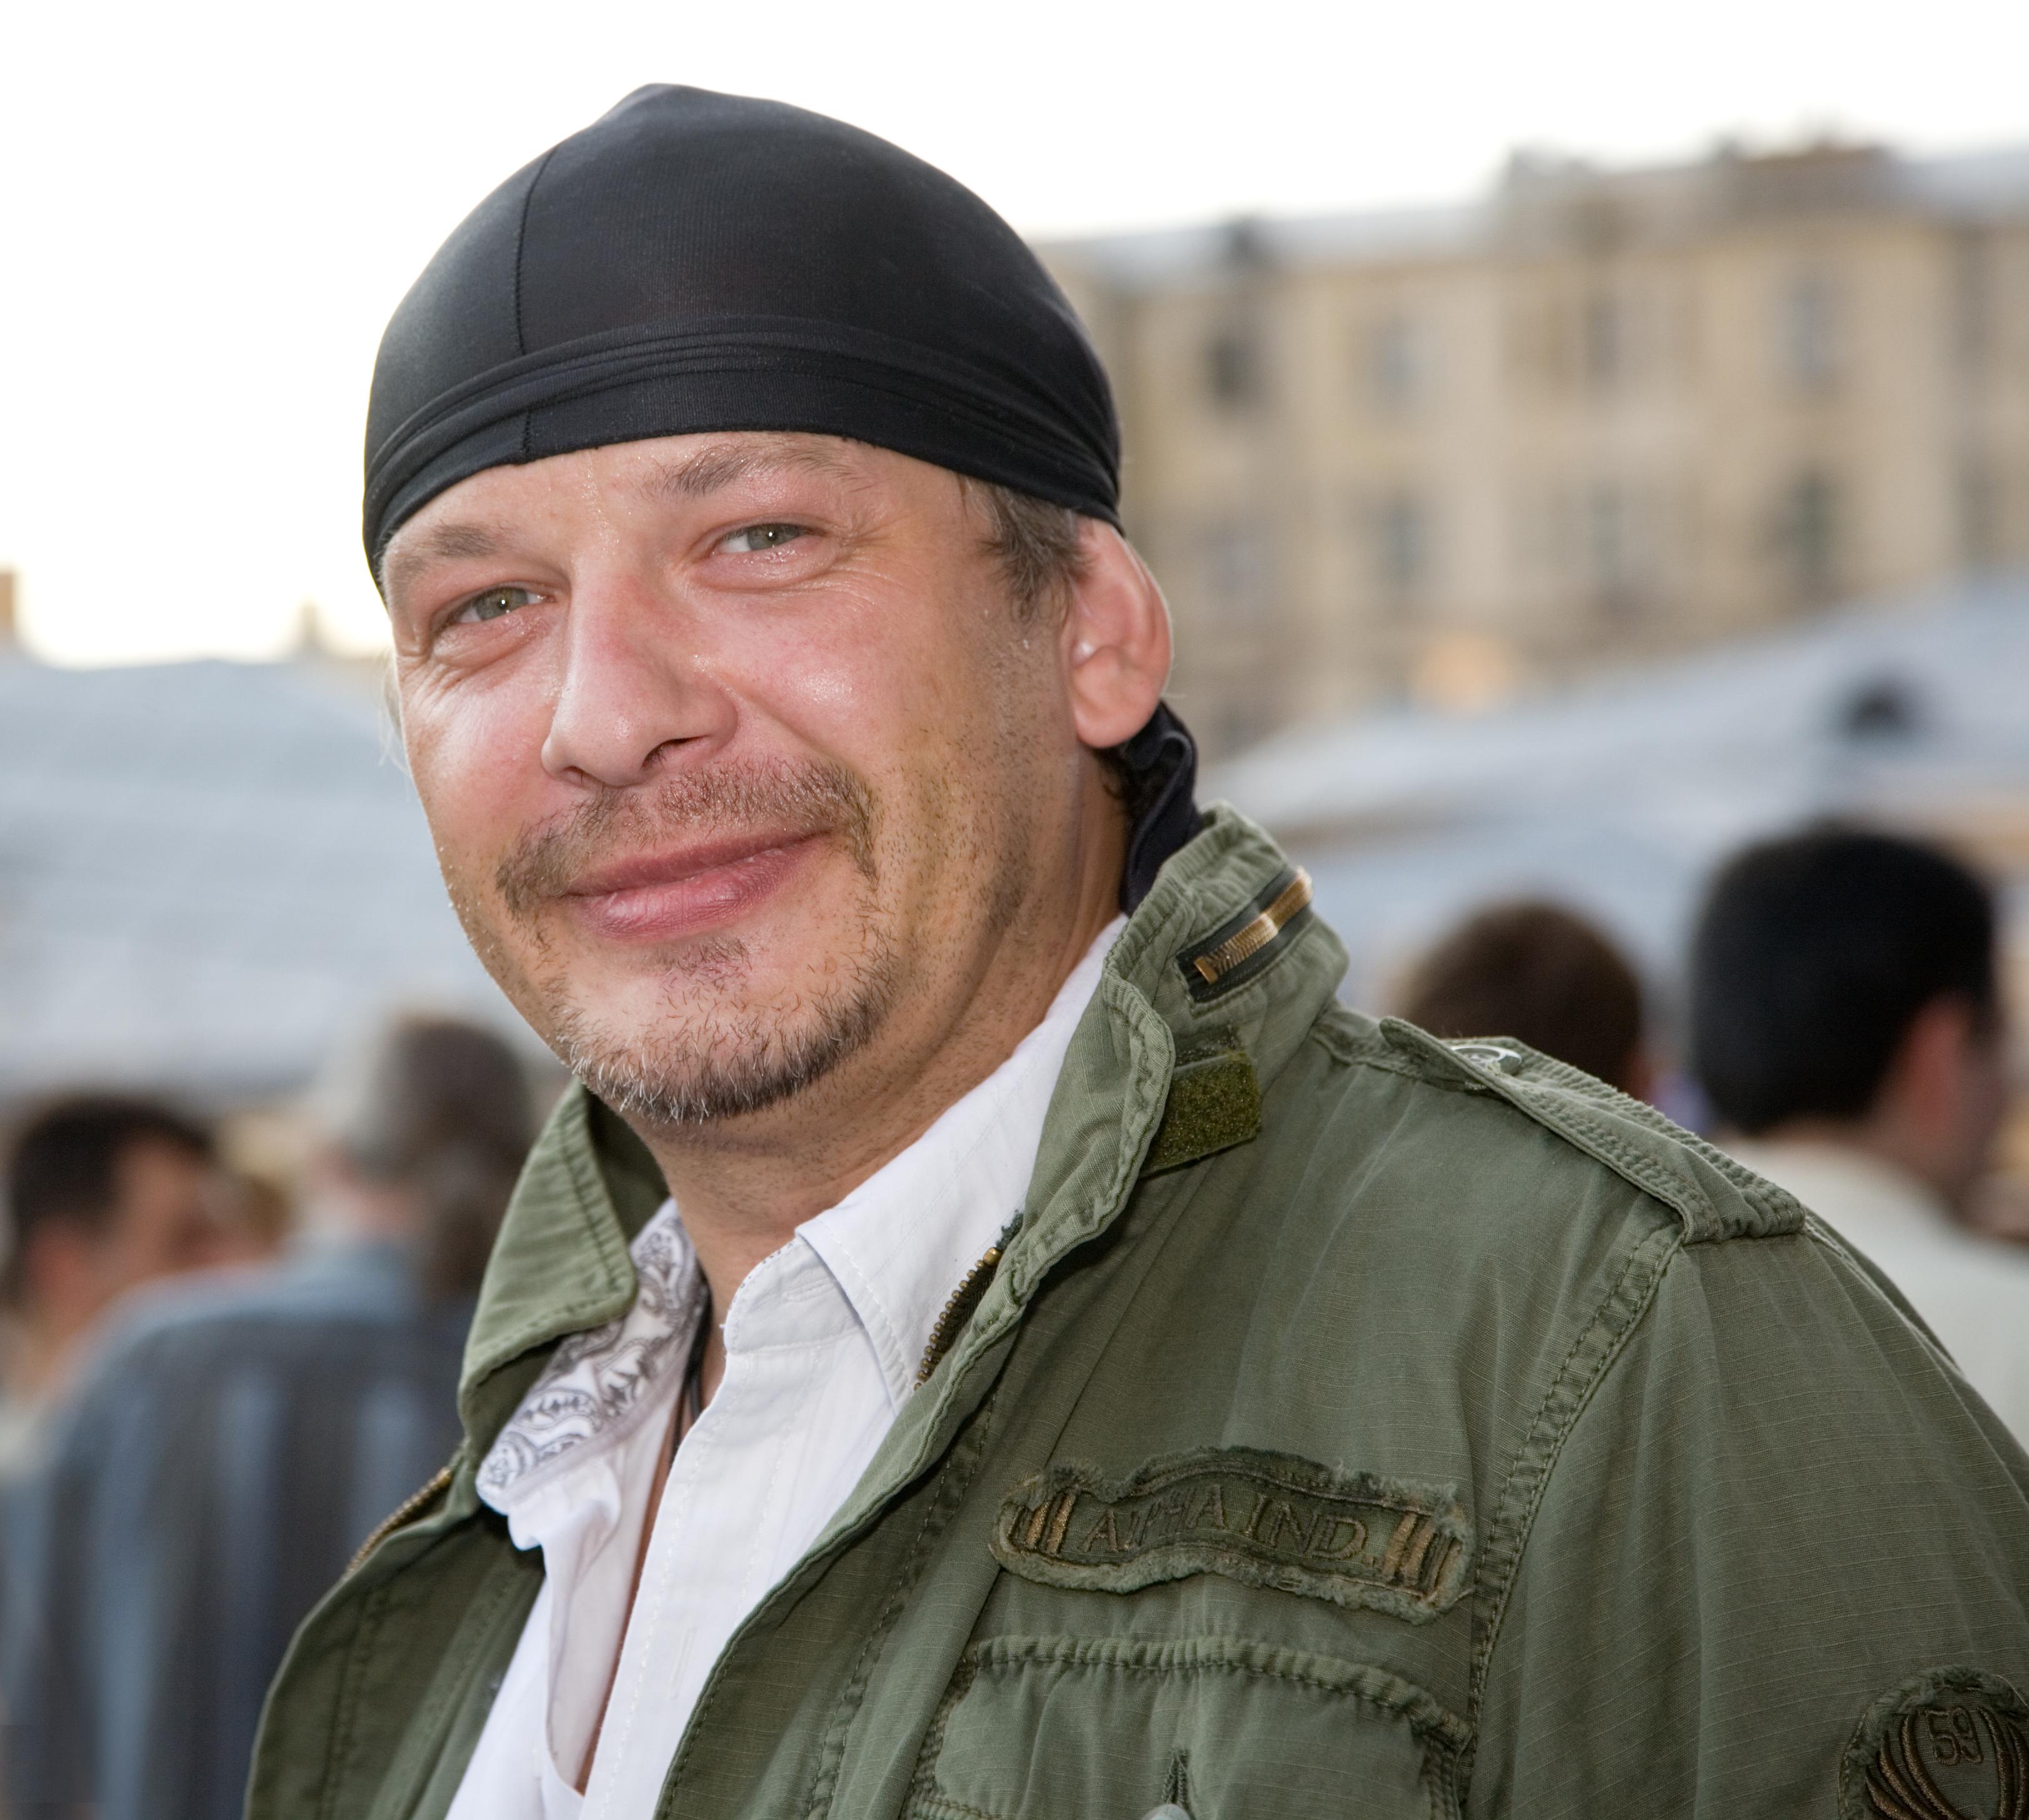 актер марьянов его фото новости о нем